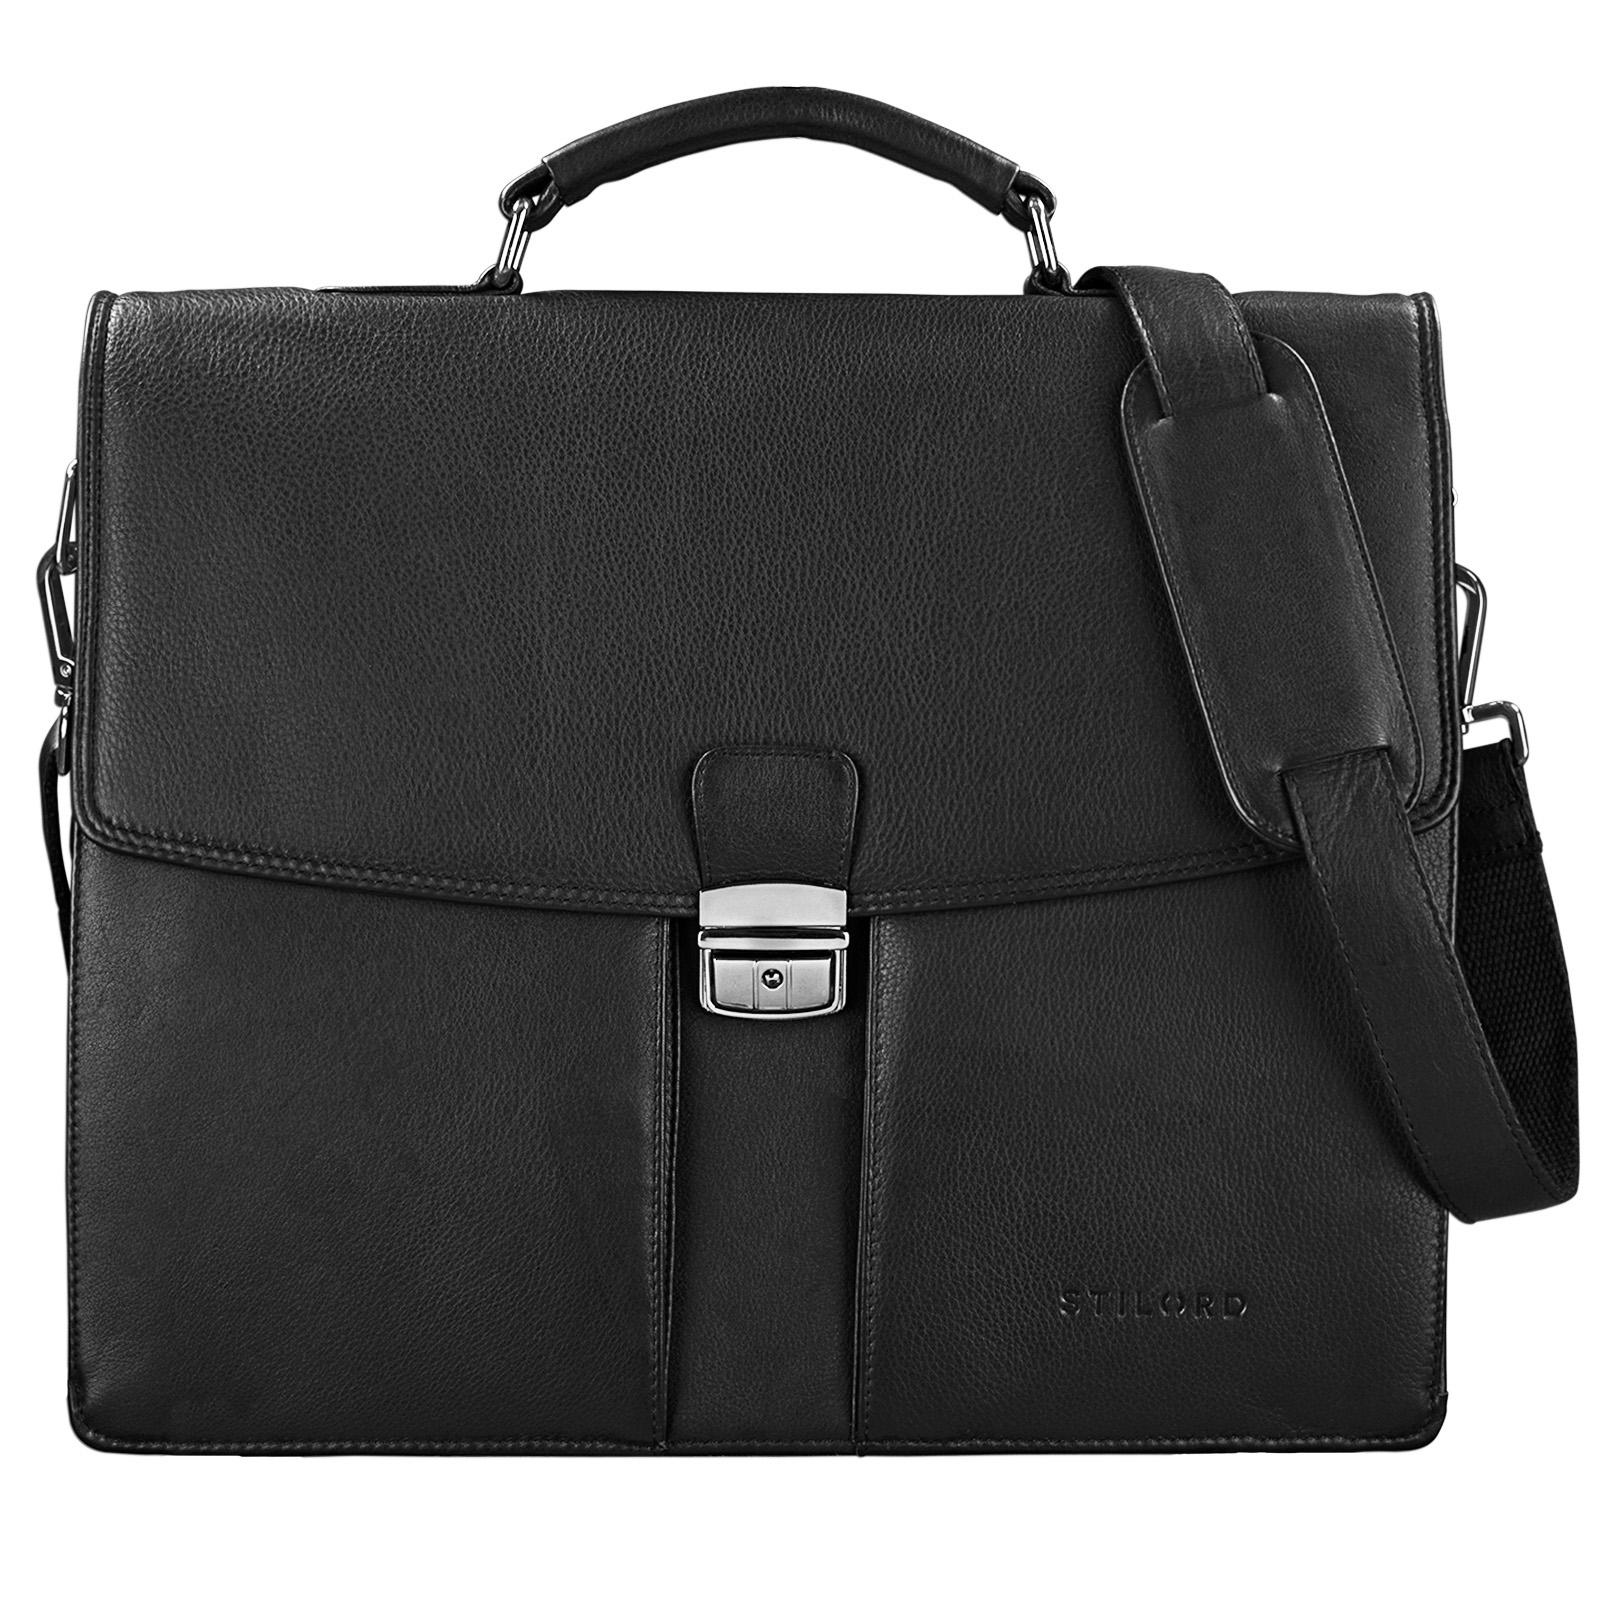 STILORD Aktentasche Leder Schwarz Businesstasche Dokumententasche Bürotasche klassisch elegant aufsteckbar echtes Rindsleder  - Bild 3